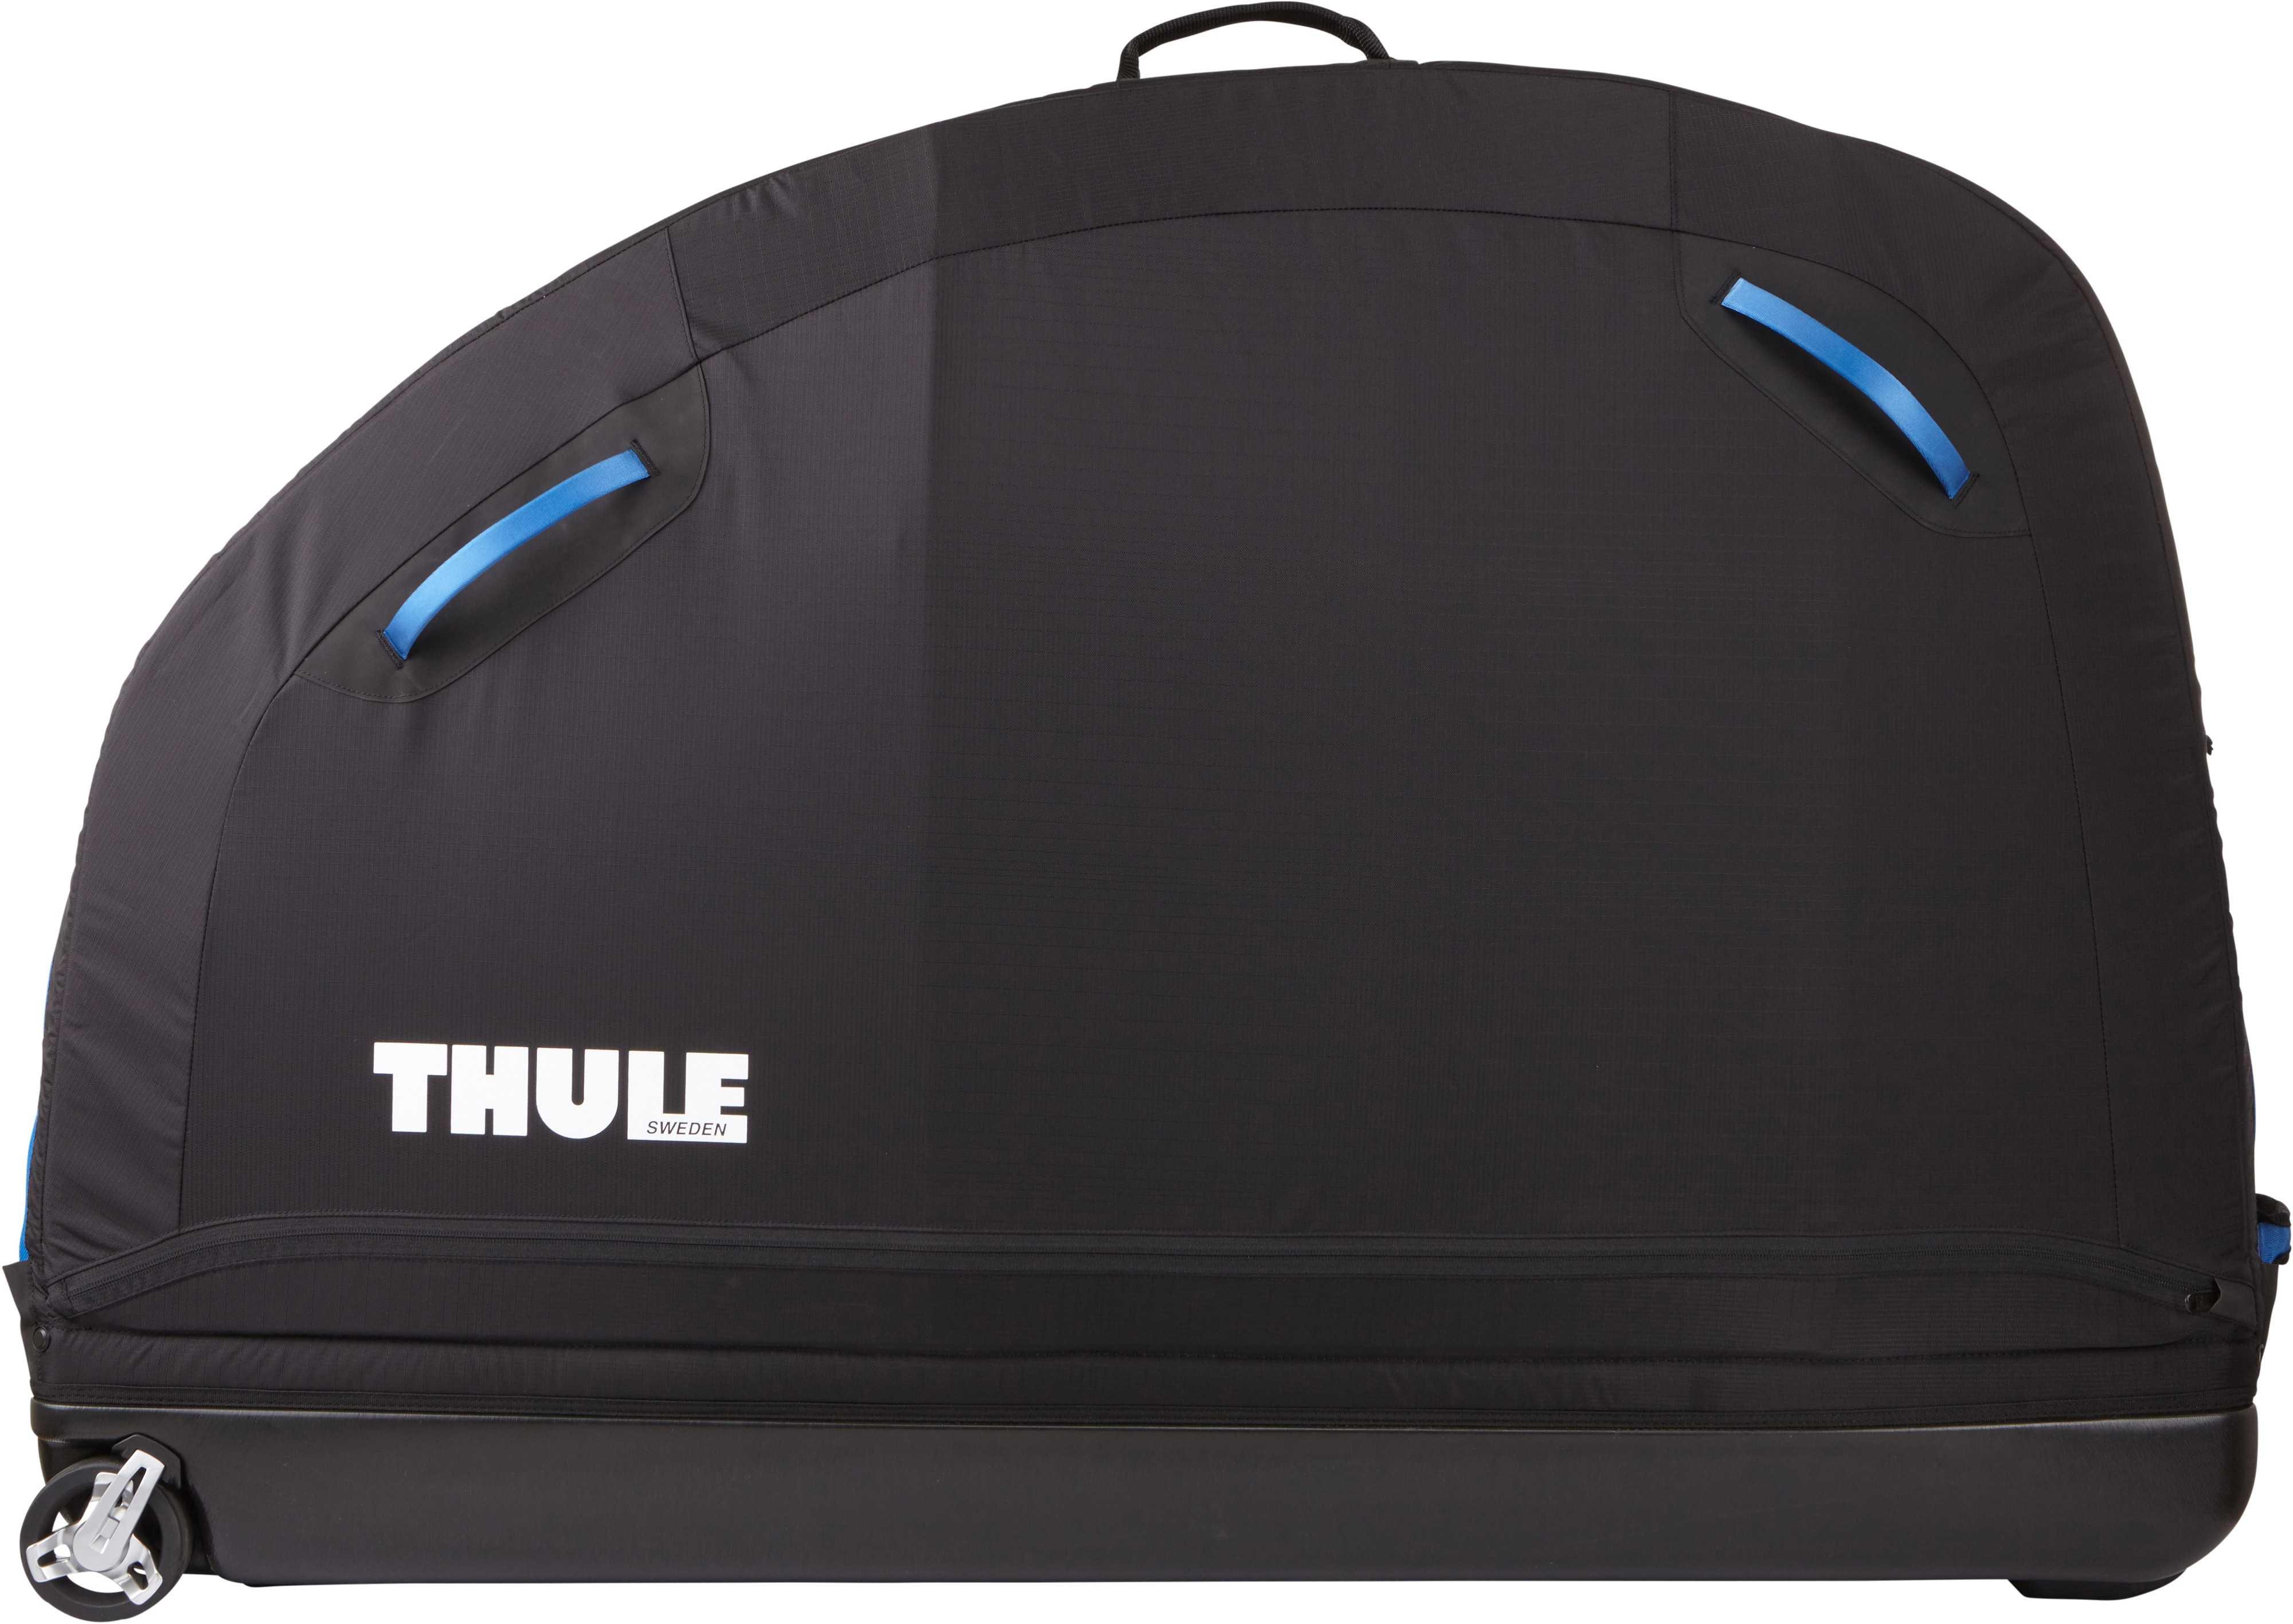 Cykel transporttaske Thule Roundtrip Pro XT sort | Bike bags